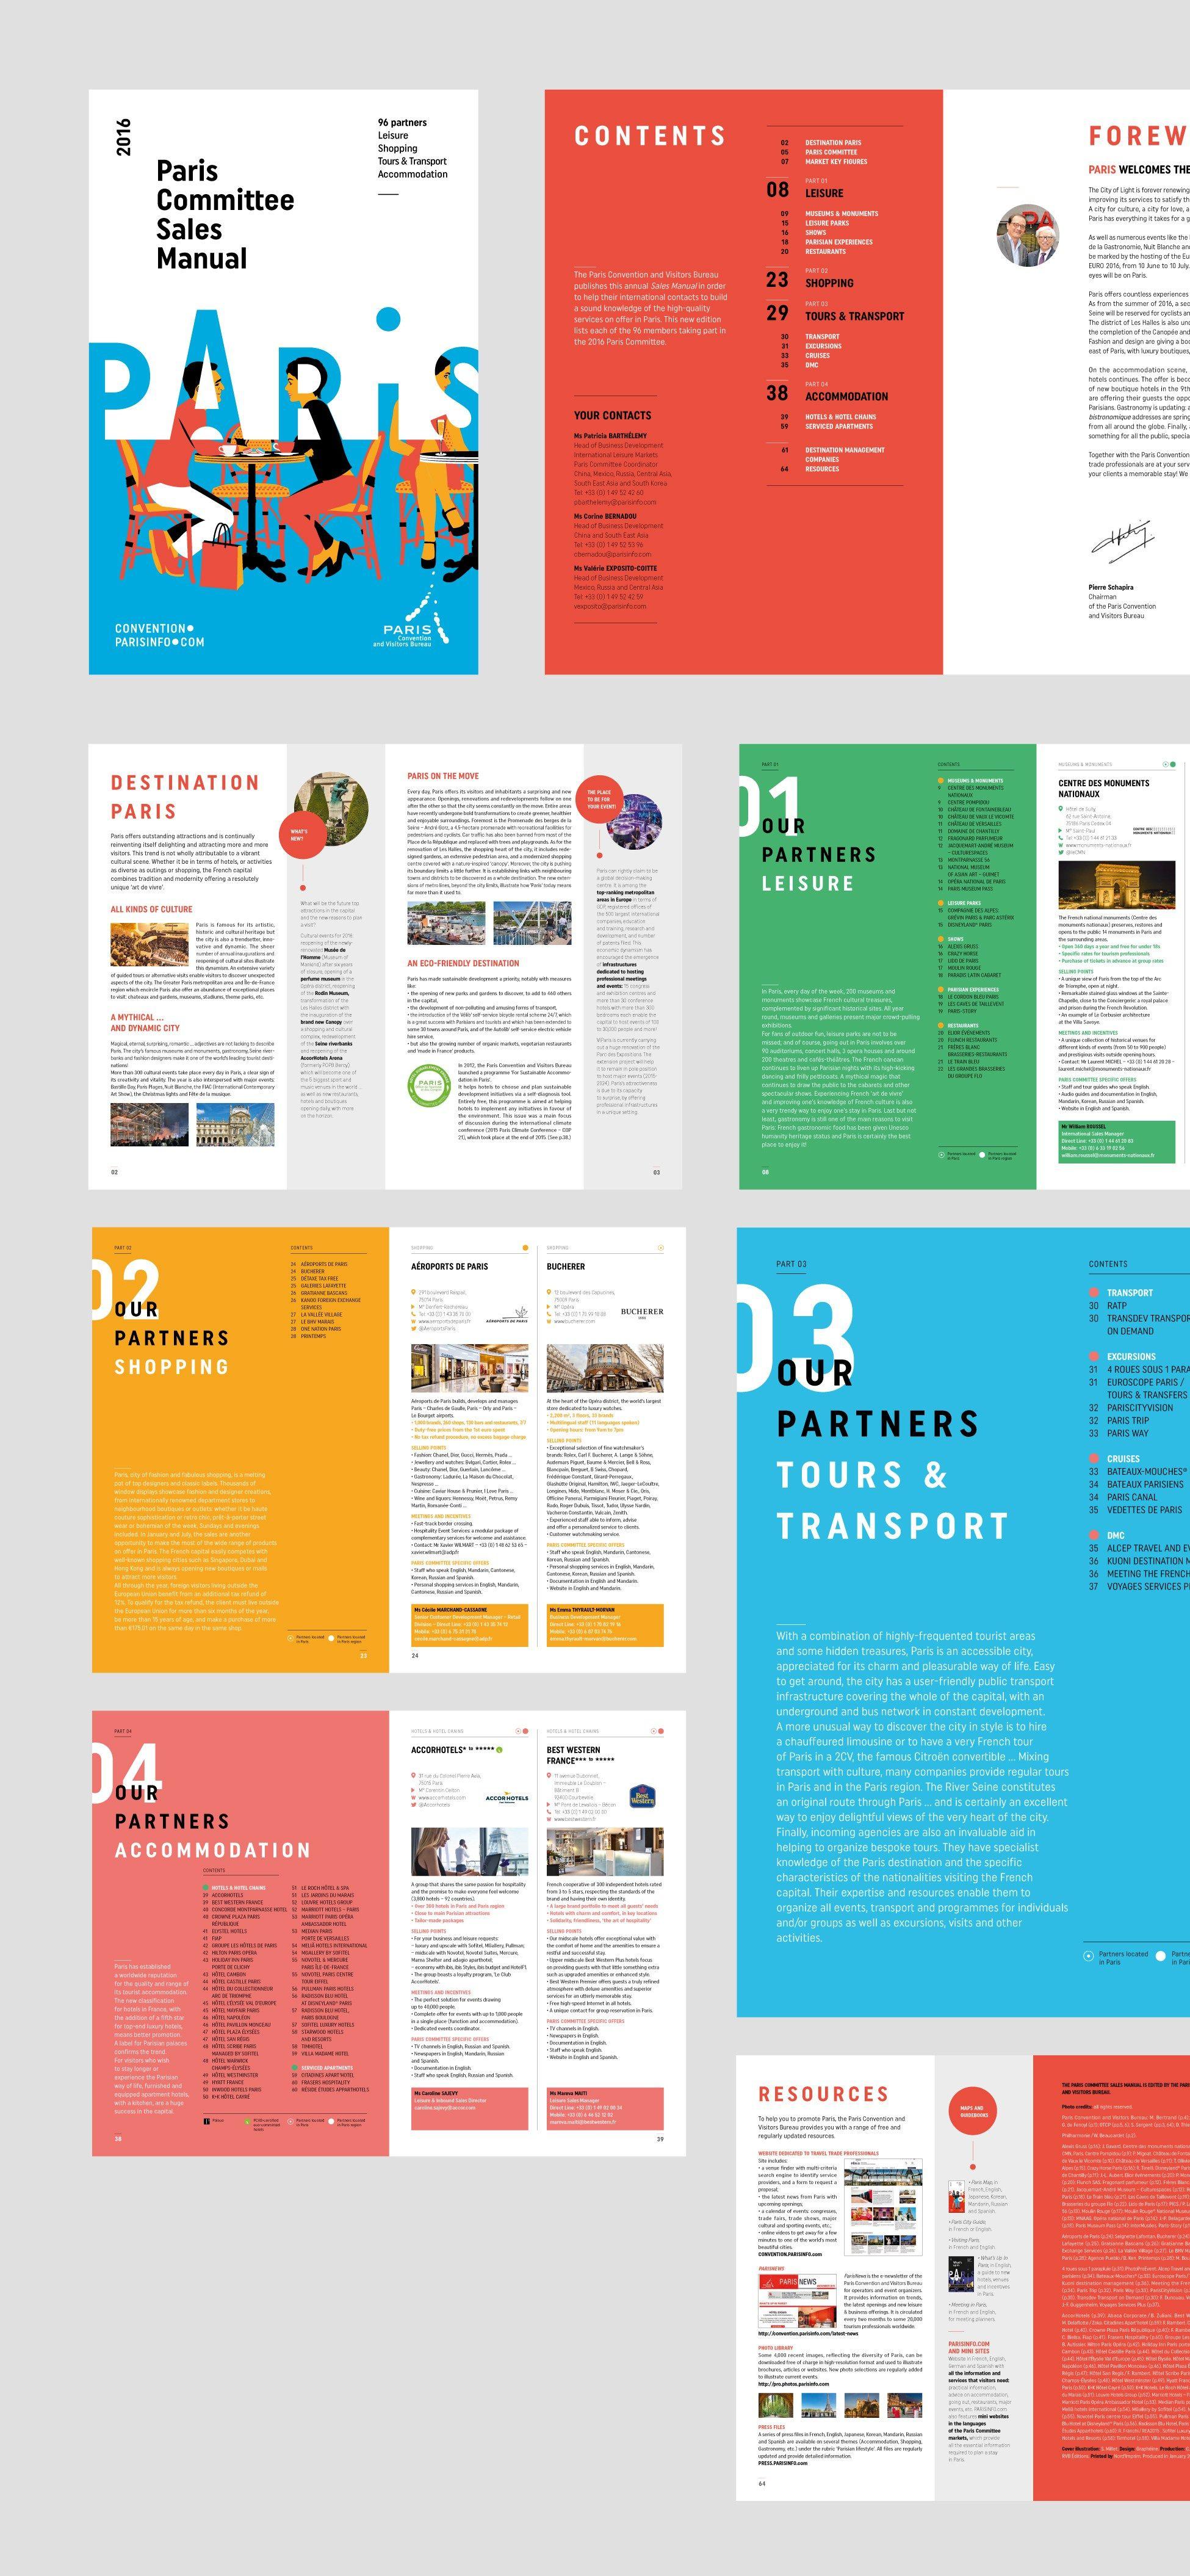 Identit visuelle de l 39 office du tourisme de paris conception graphique et - Office du tourisme polonais paris ...